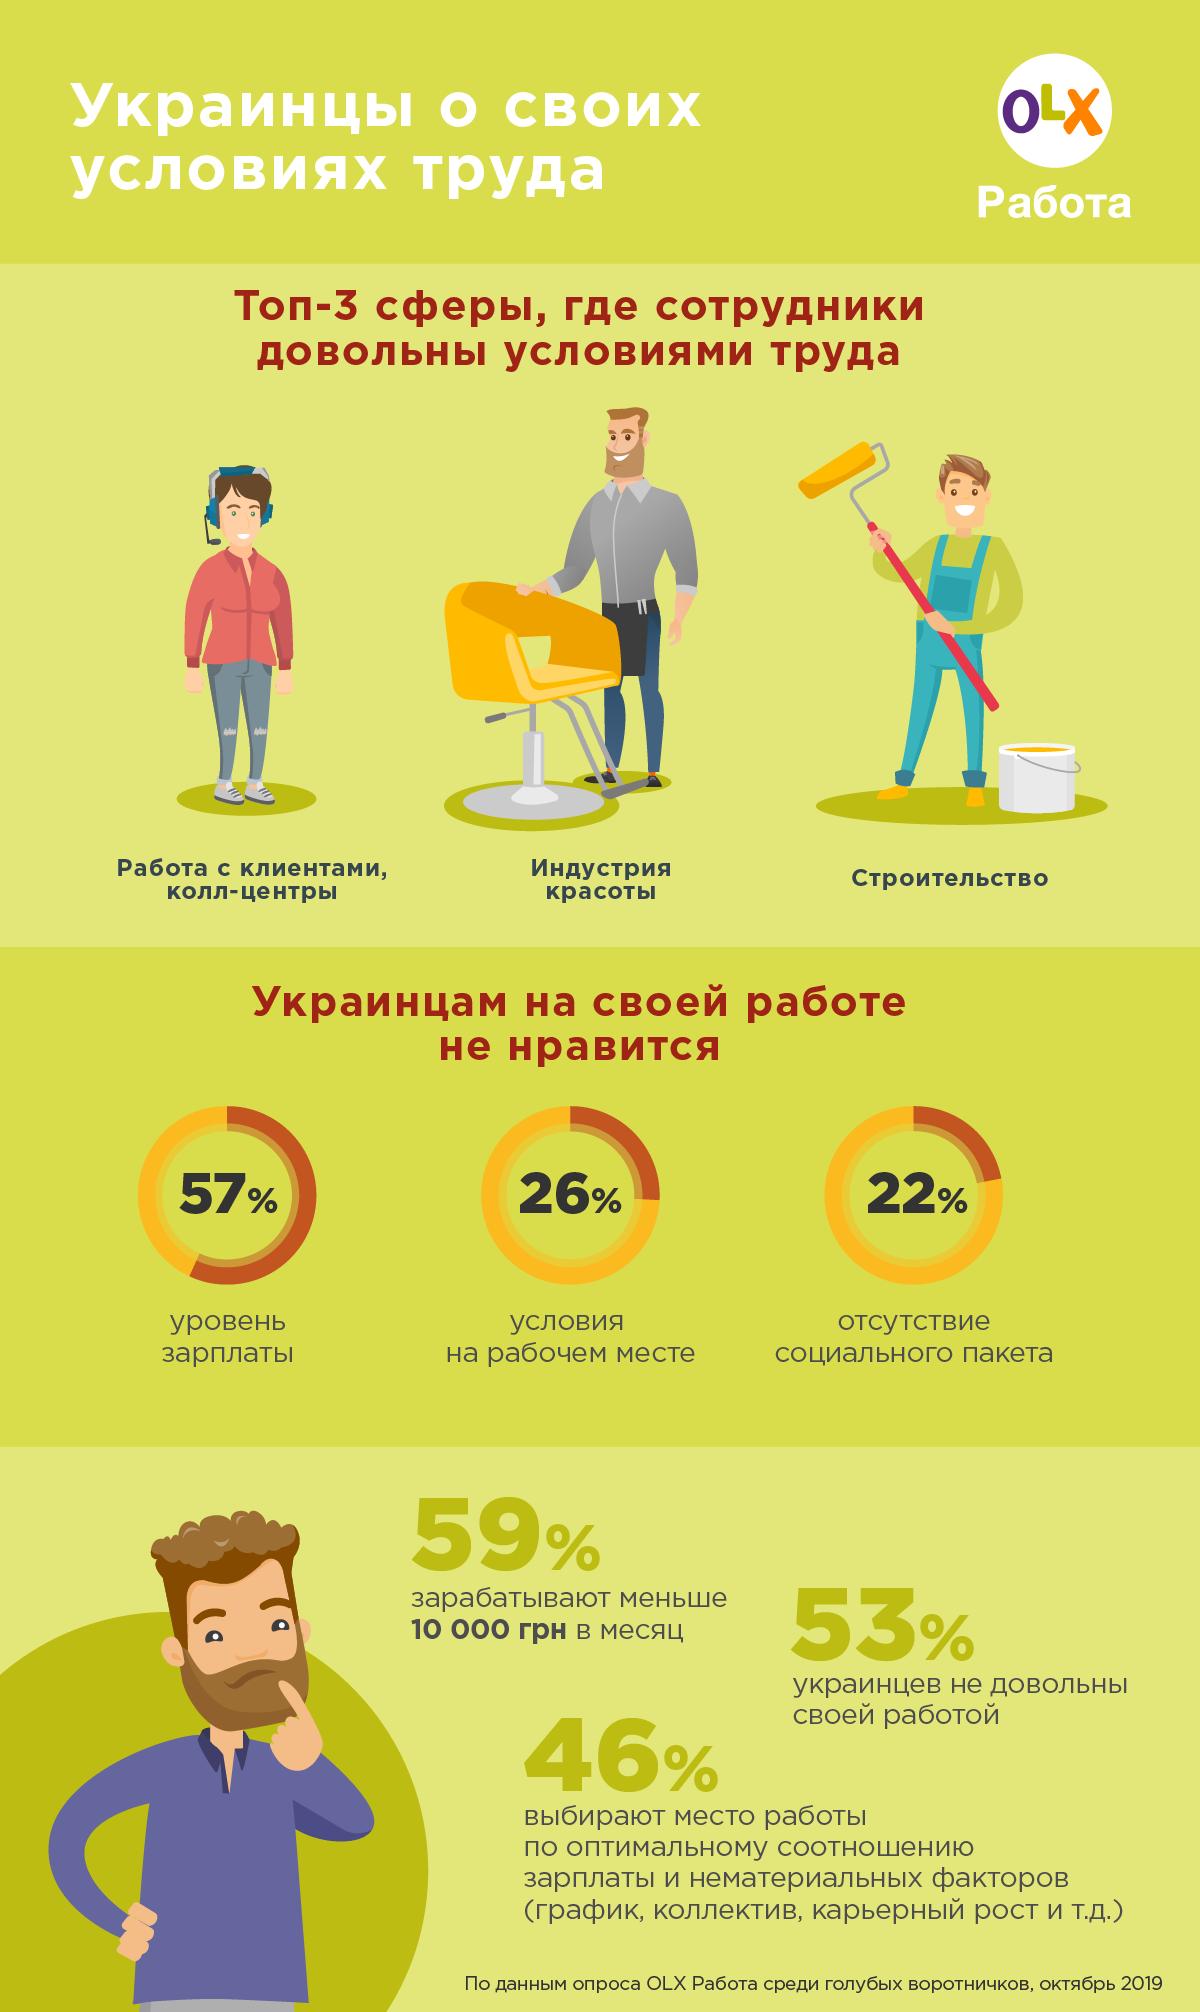 Каждый второй житель Украины не слишком доволен своей работой